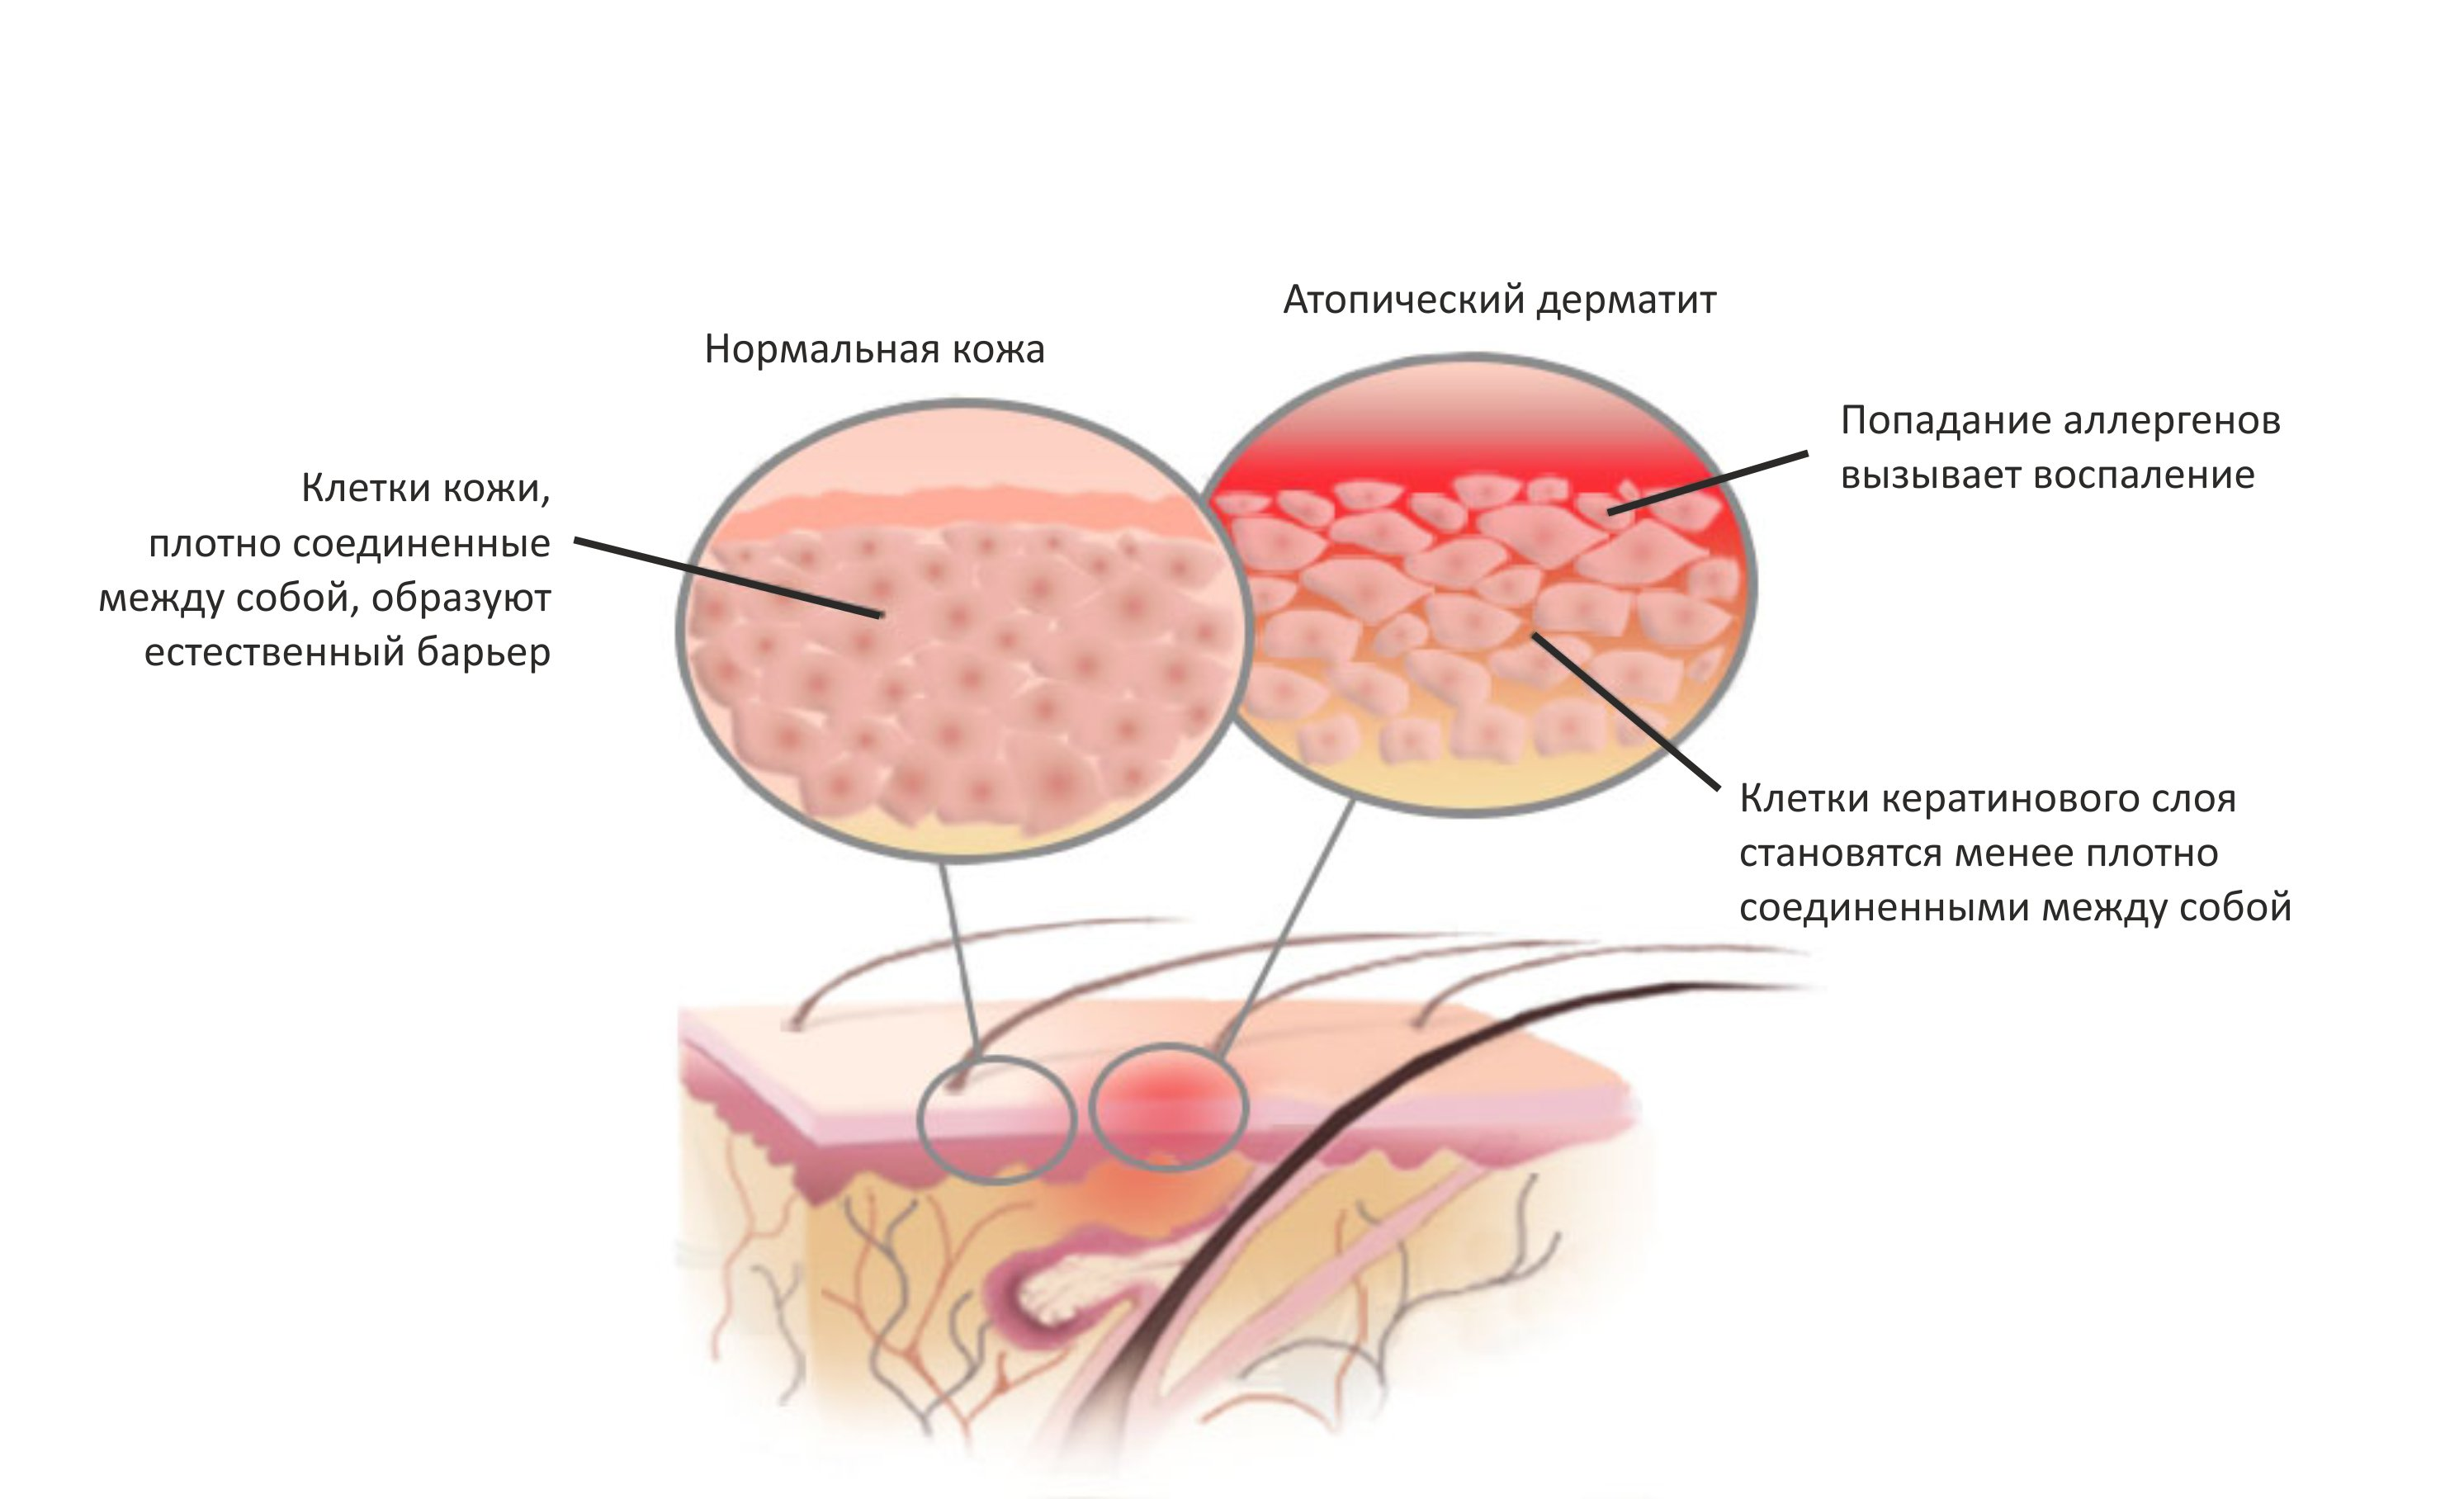 Нейродермит: причины, симптомы, диагностика и лечение